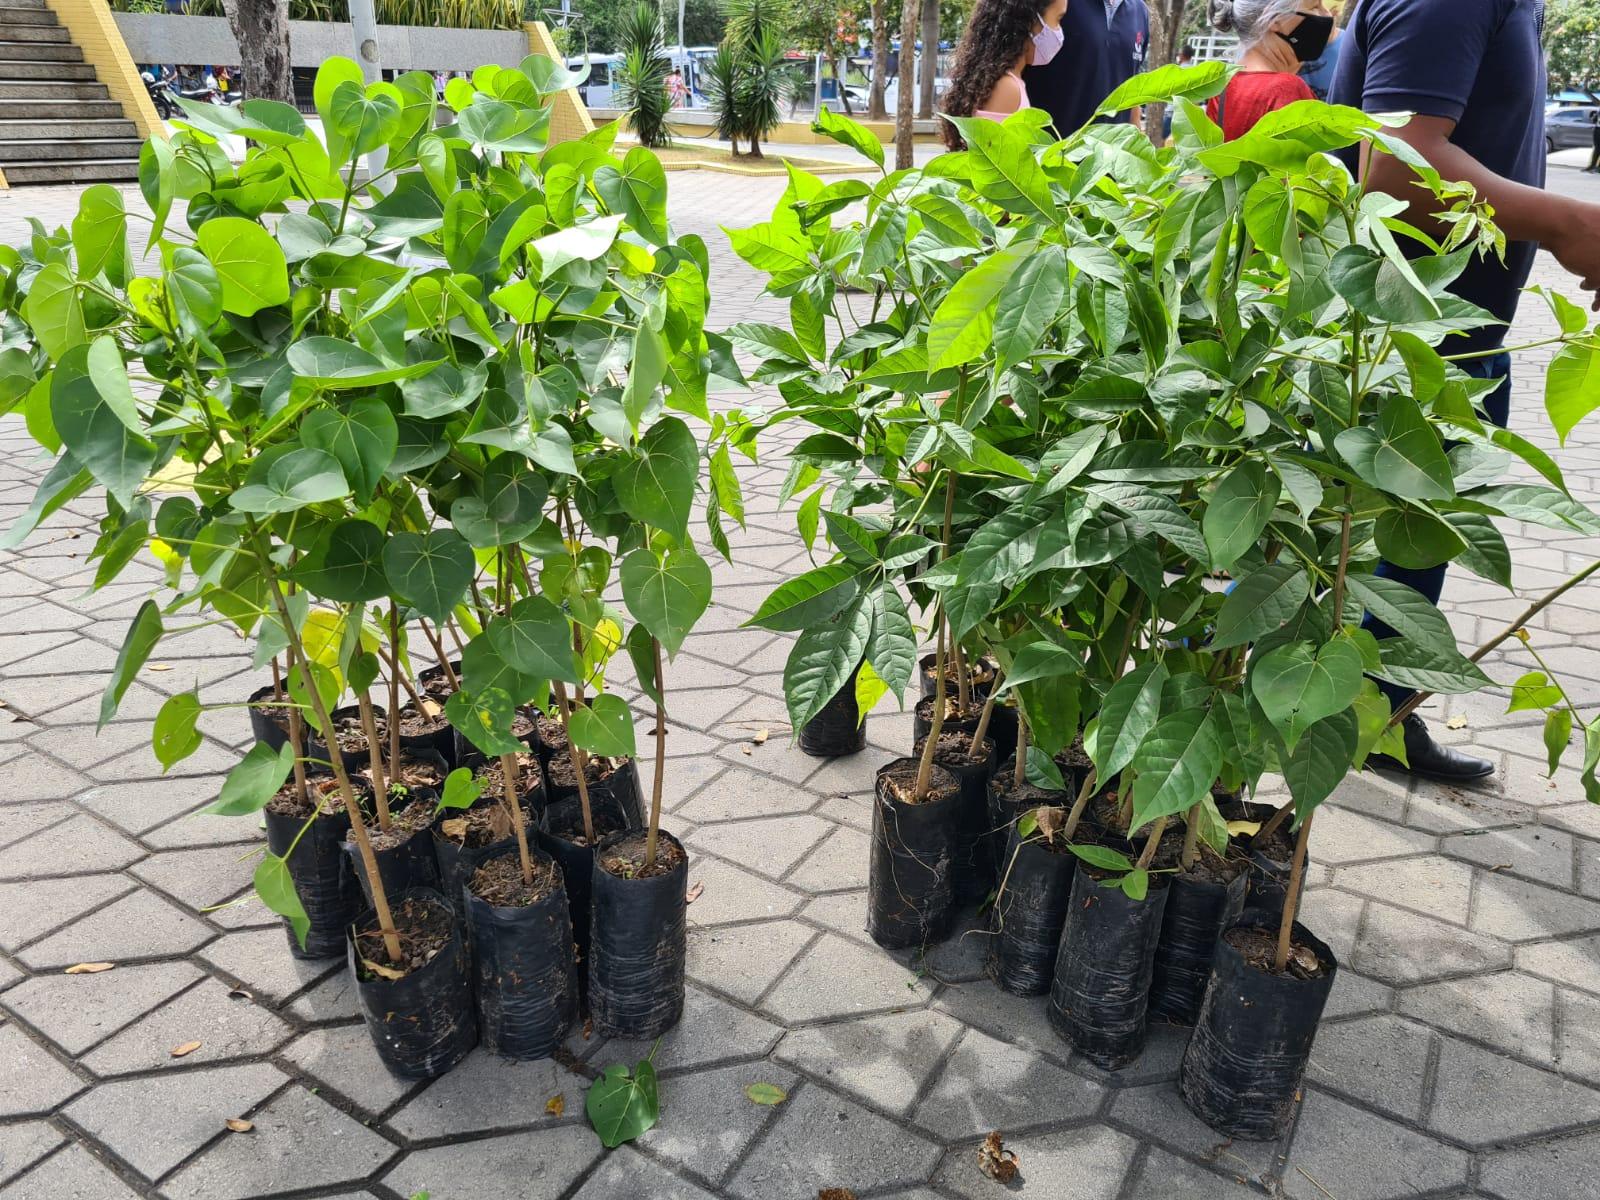 Dia da Árvore é comemorado com distribuição de mudas no Centro de Campina Grande